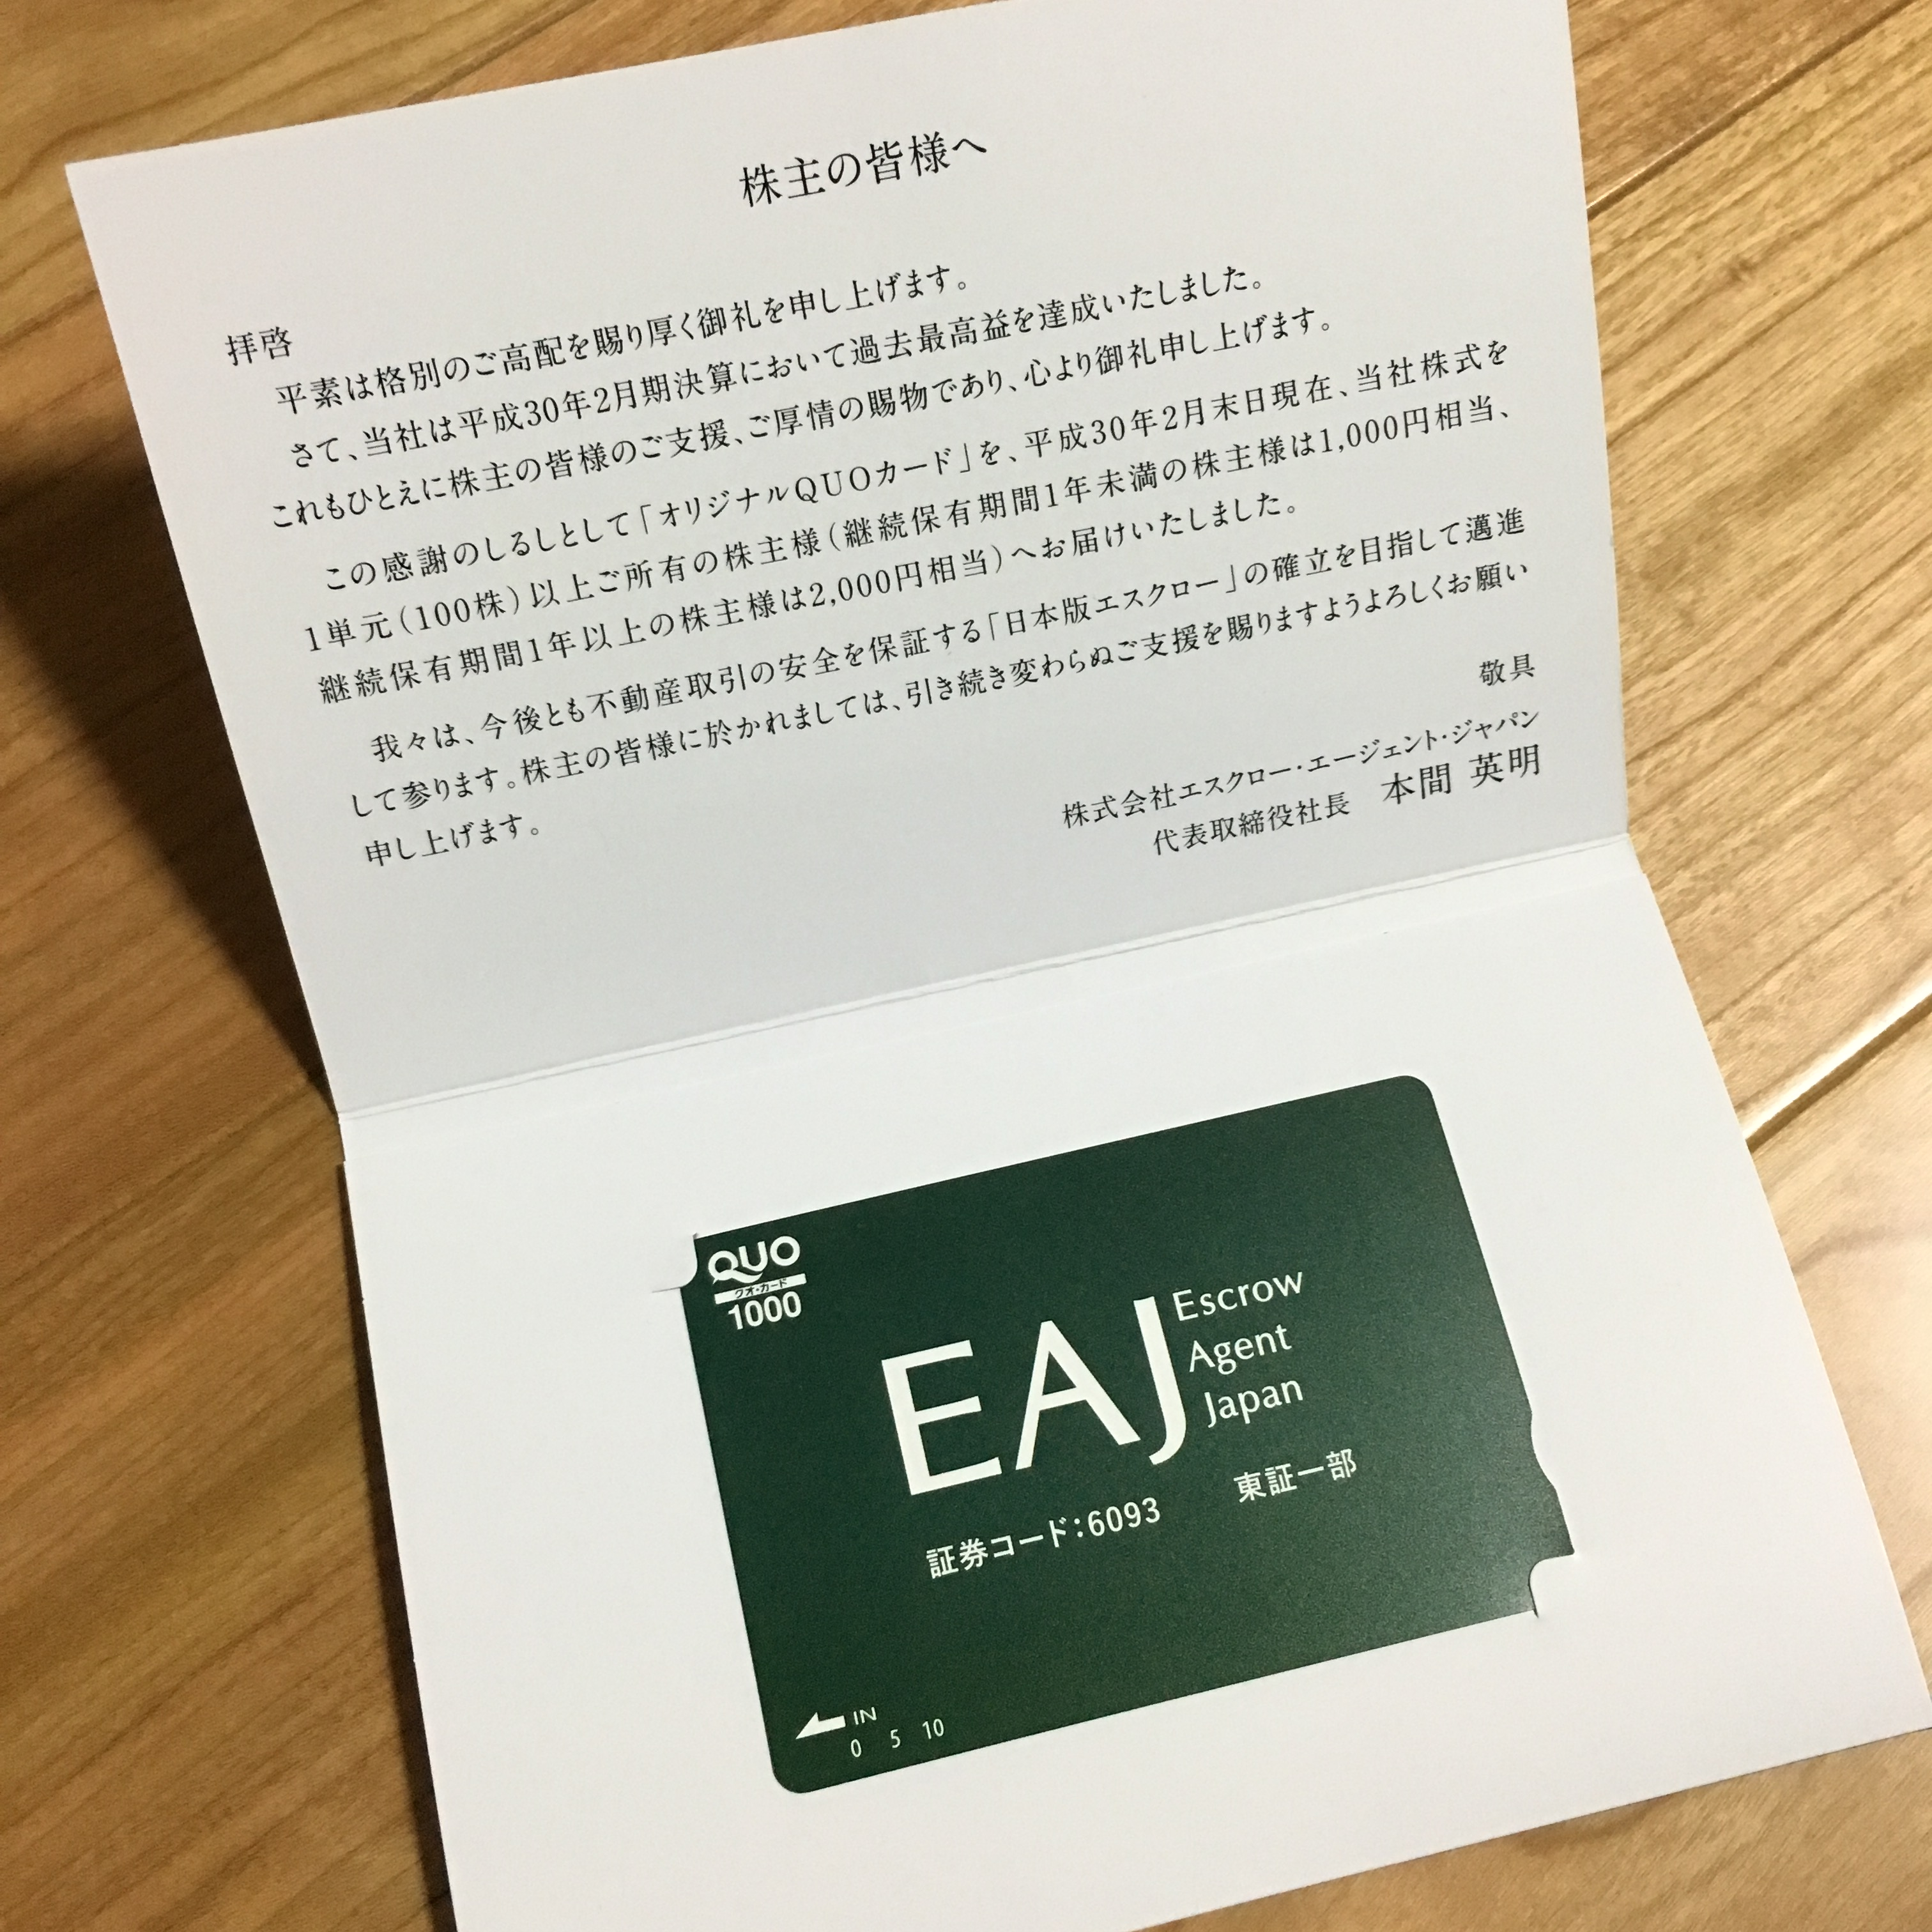 エスクローエージェントジャパン